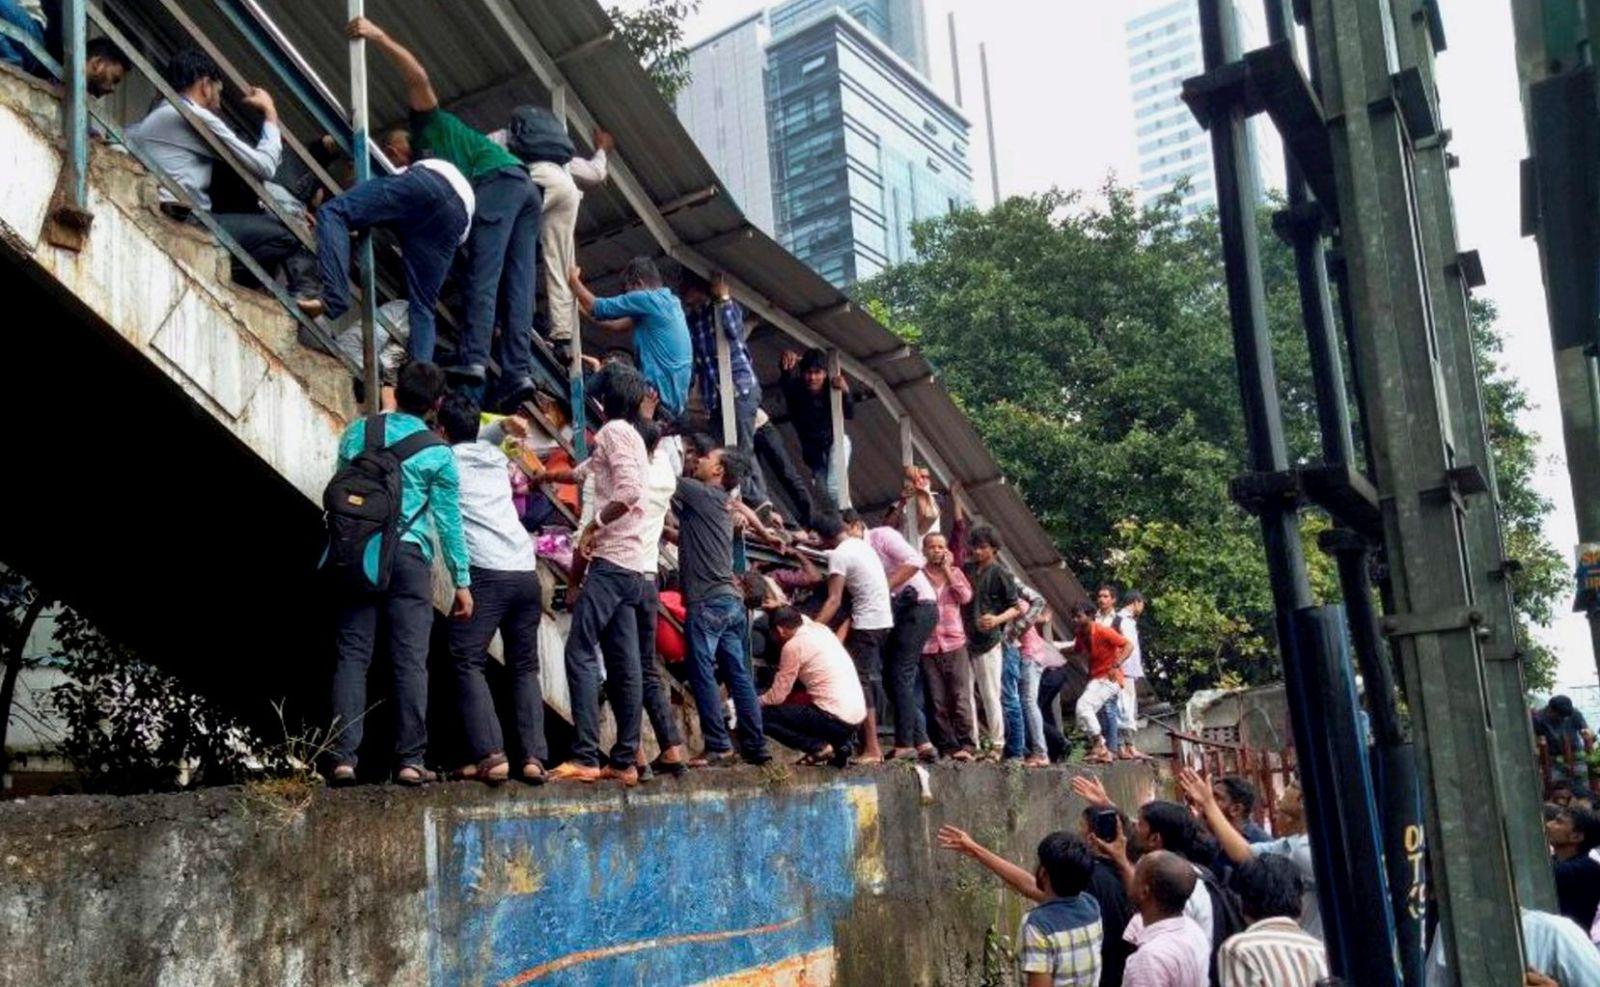 മുംബൈ റെയില്വെ സ്റ്റേഷന് അപകടം: കേന്ദ്ര സര്ക്കാറിനെതിരെ പ്രതിഷേധം ആളിക്കത്തുന്നു